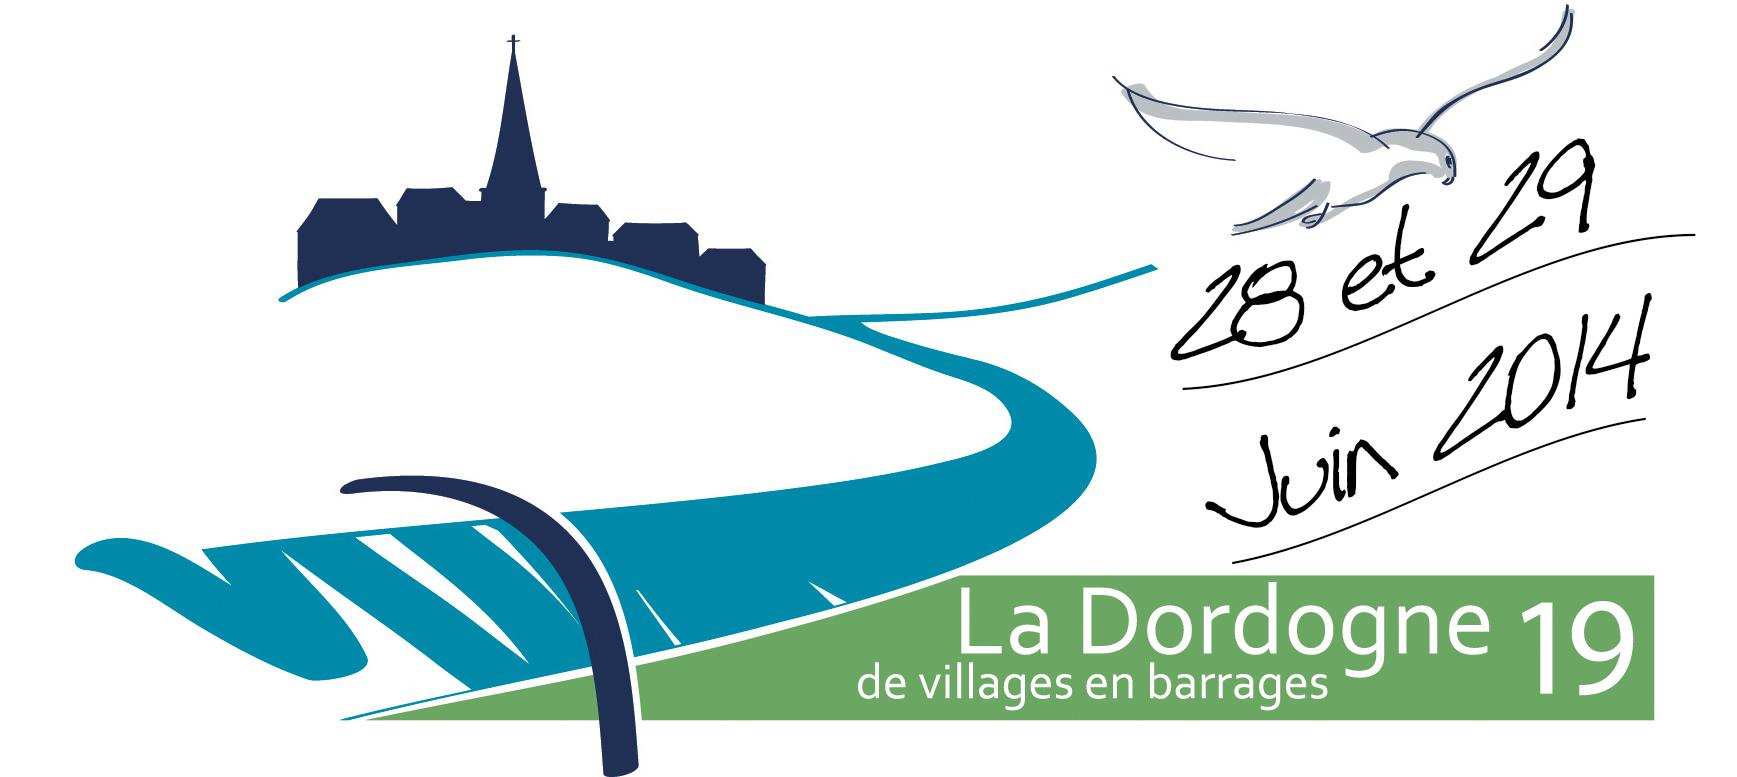 La dordogne de villages en barrages 28 et 29 juin 2015